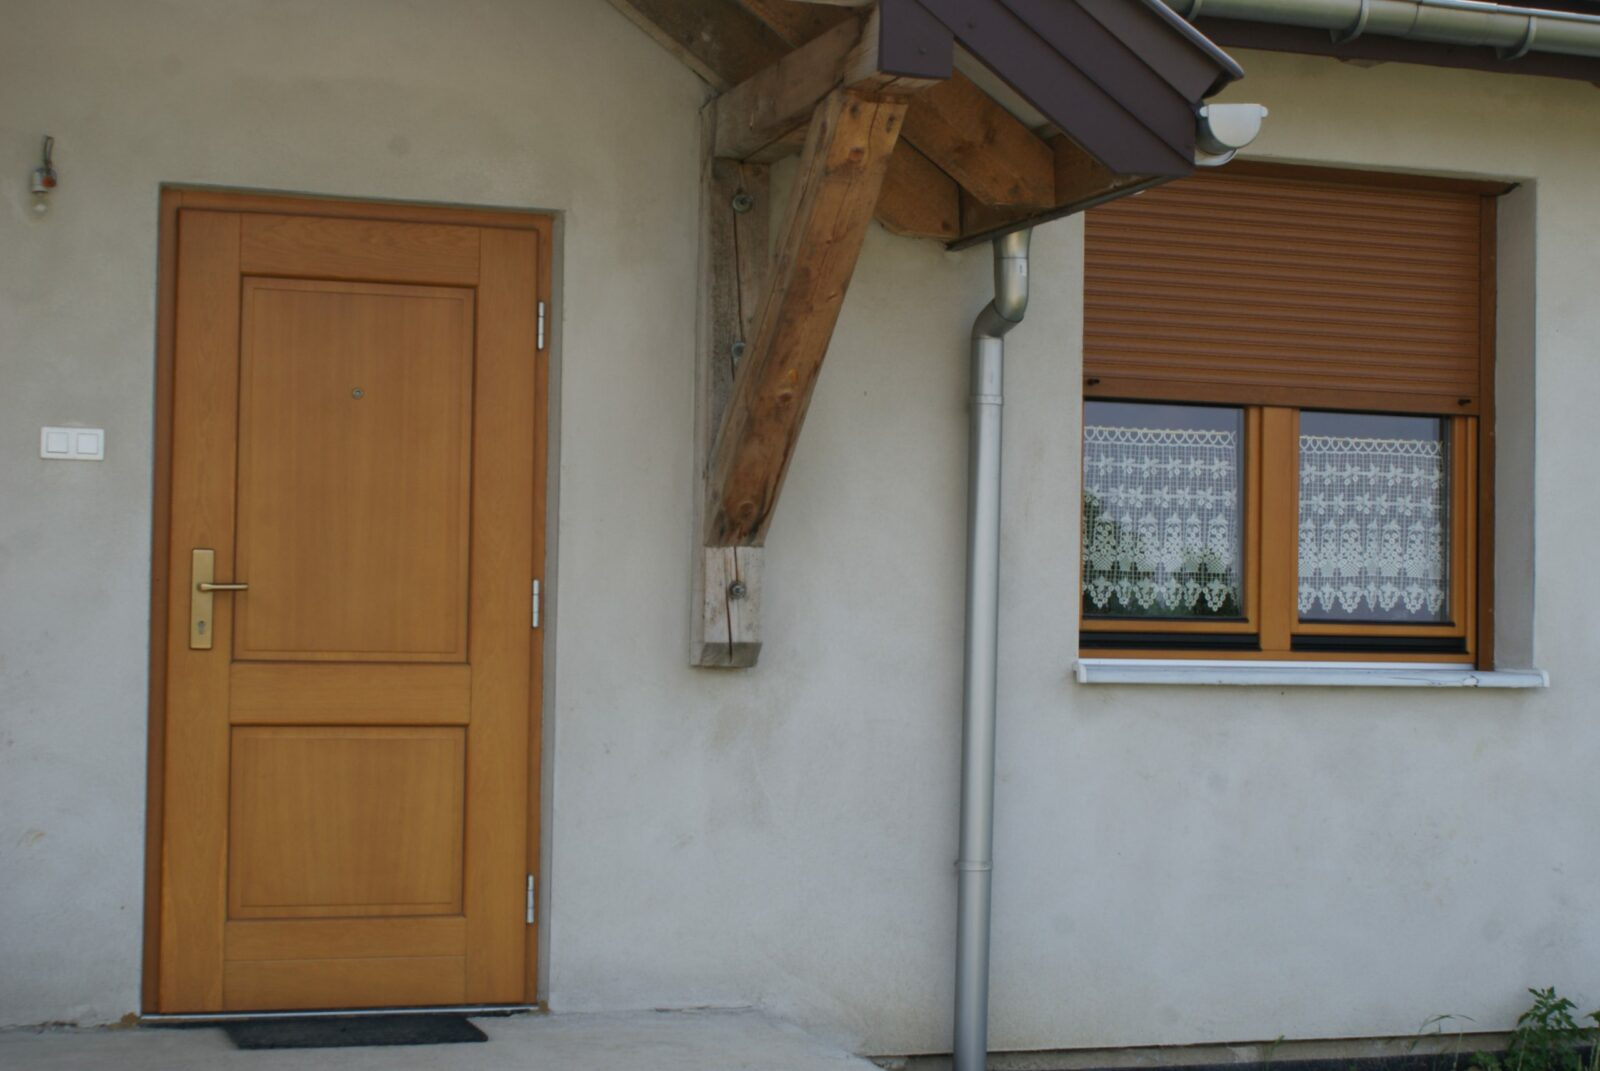 brązowe drewniane drzwi zewnętrzne pod daszkiem domu